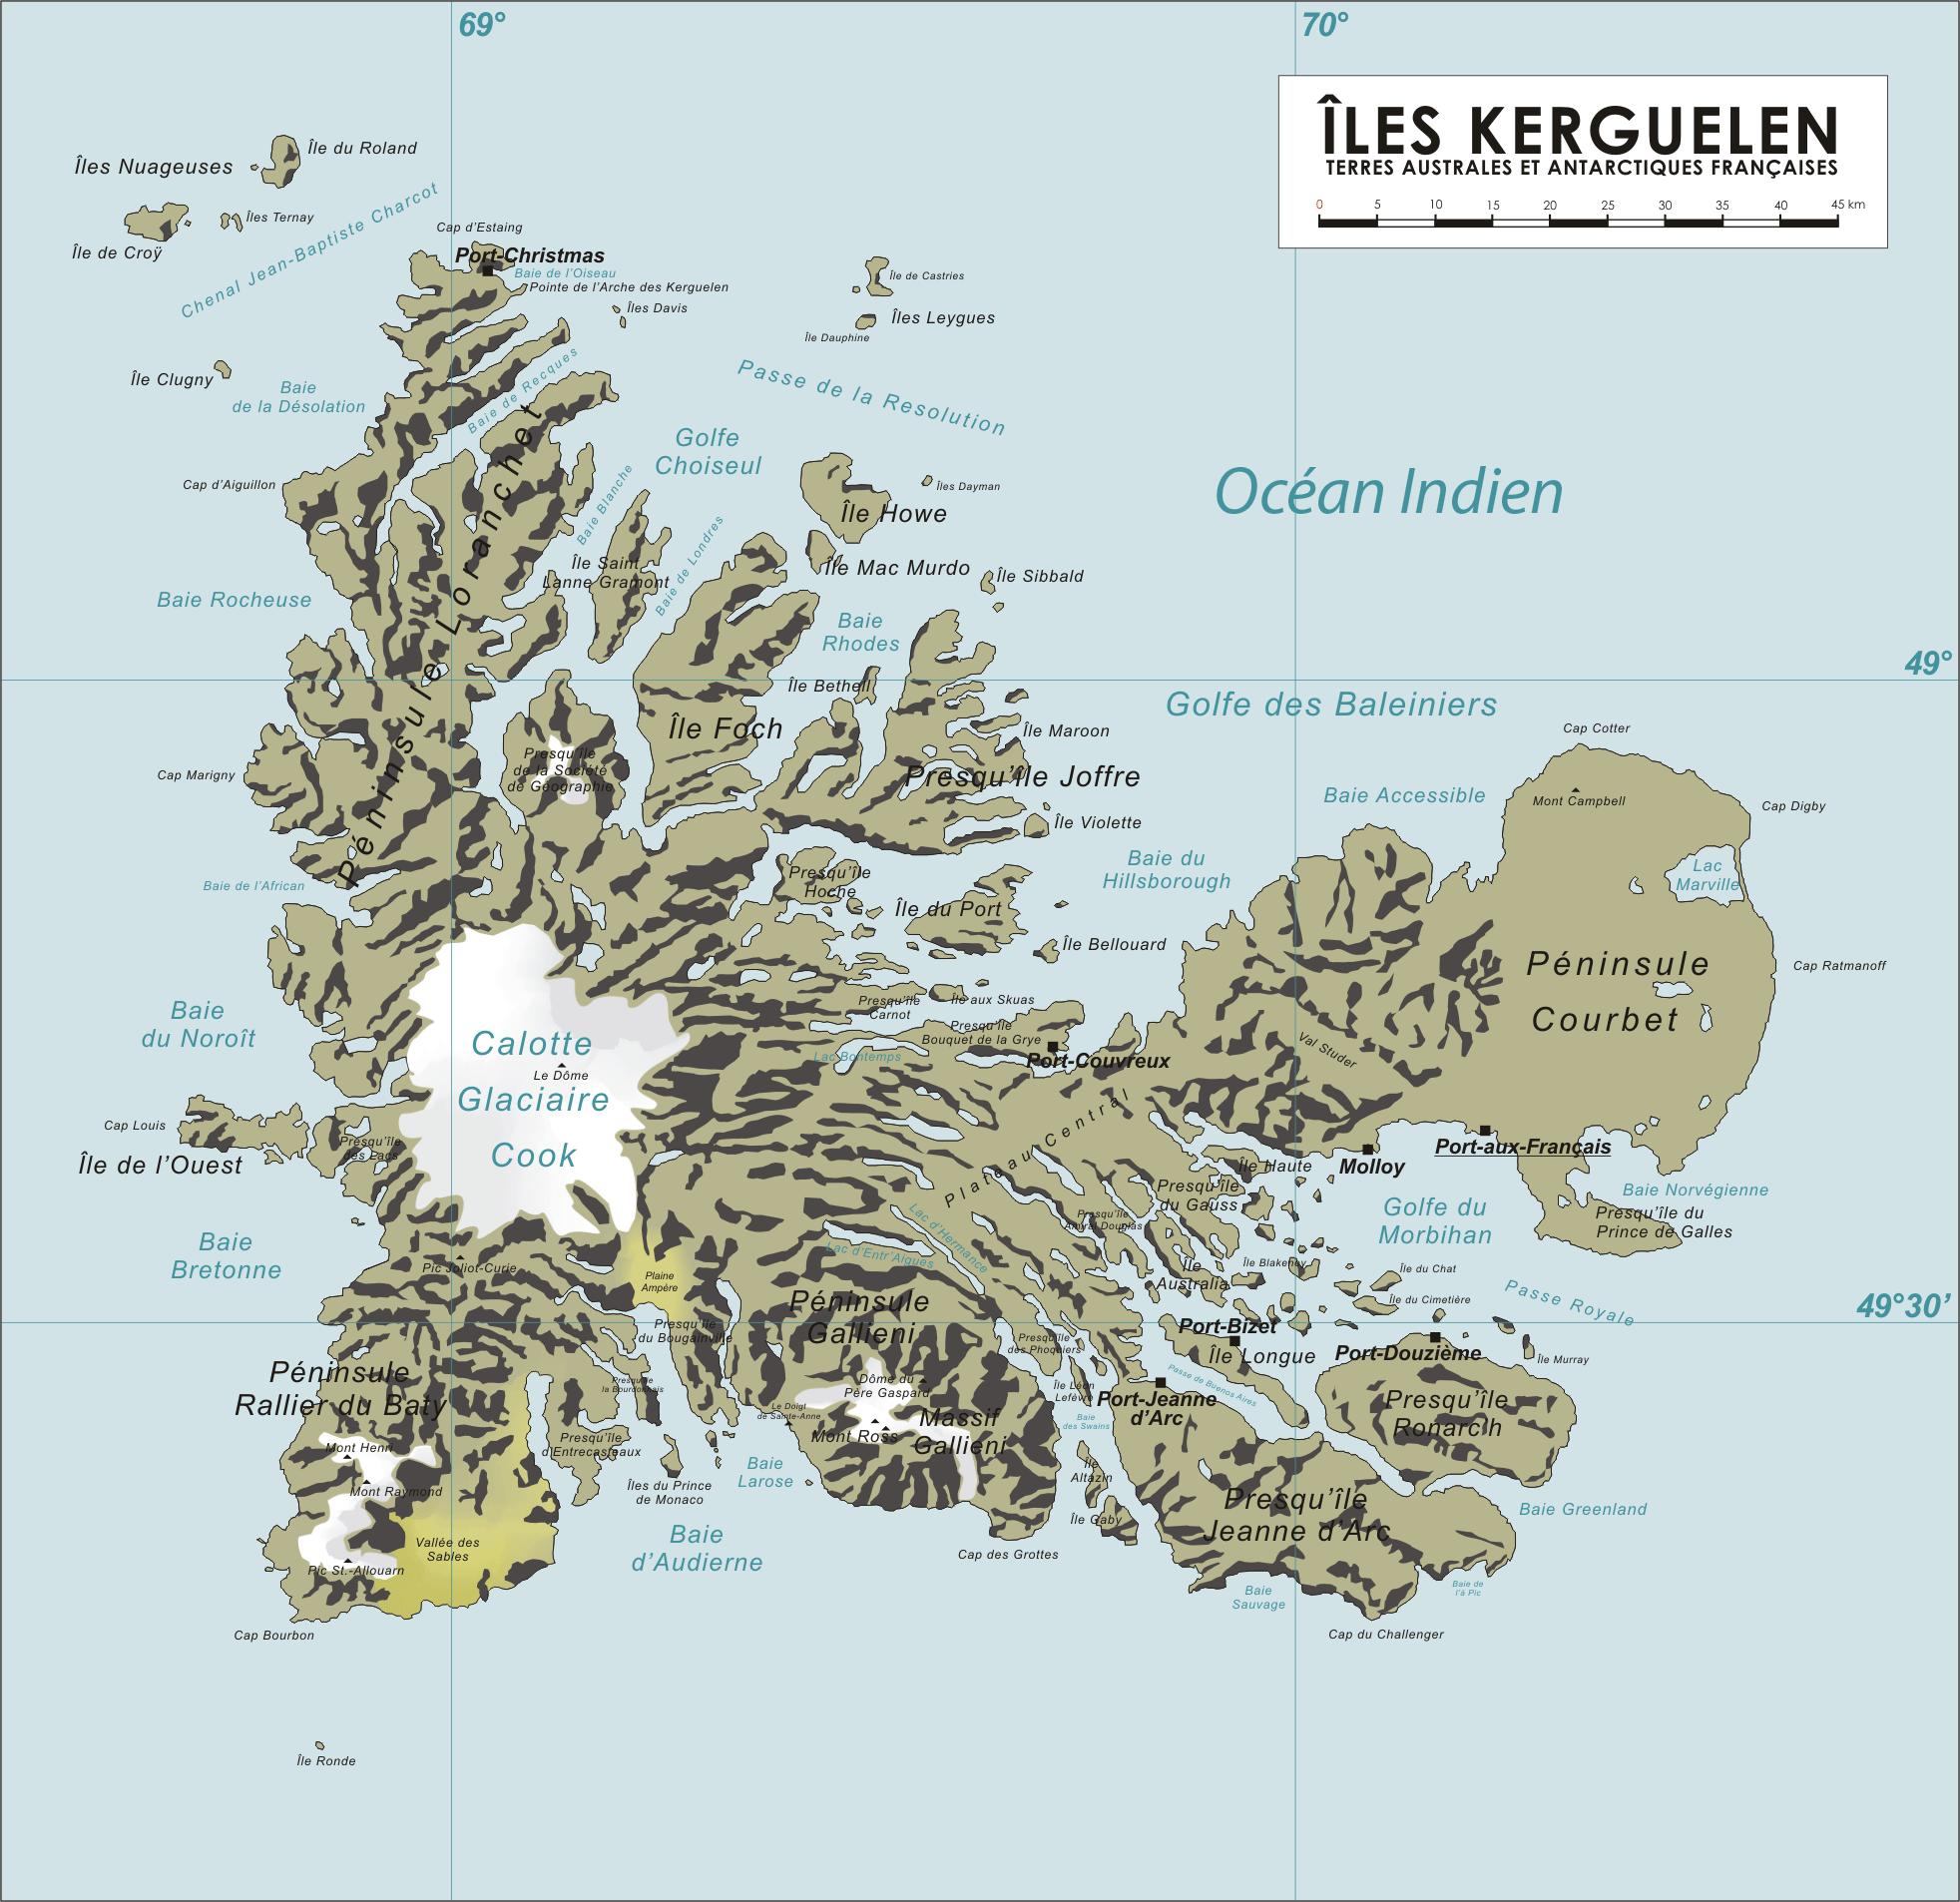 Kerguelen Islands map